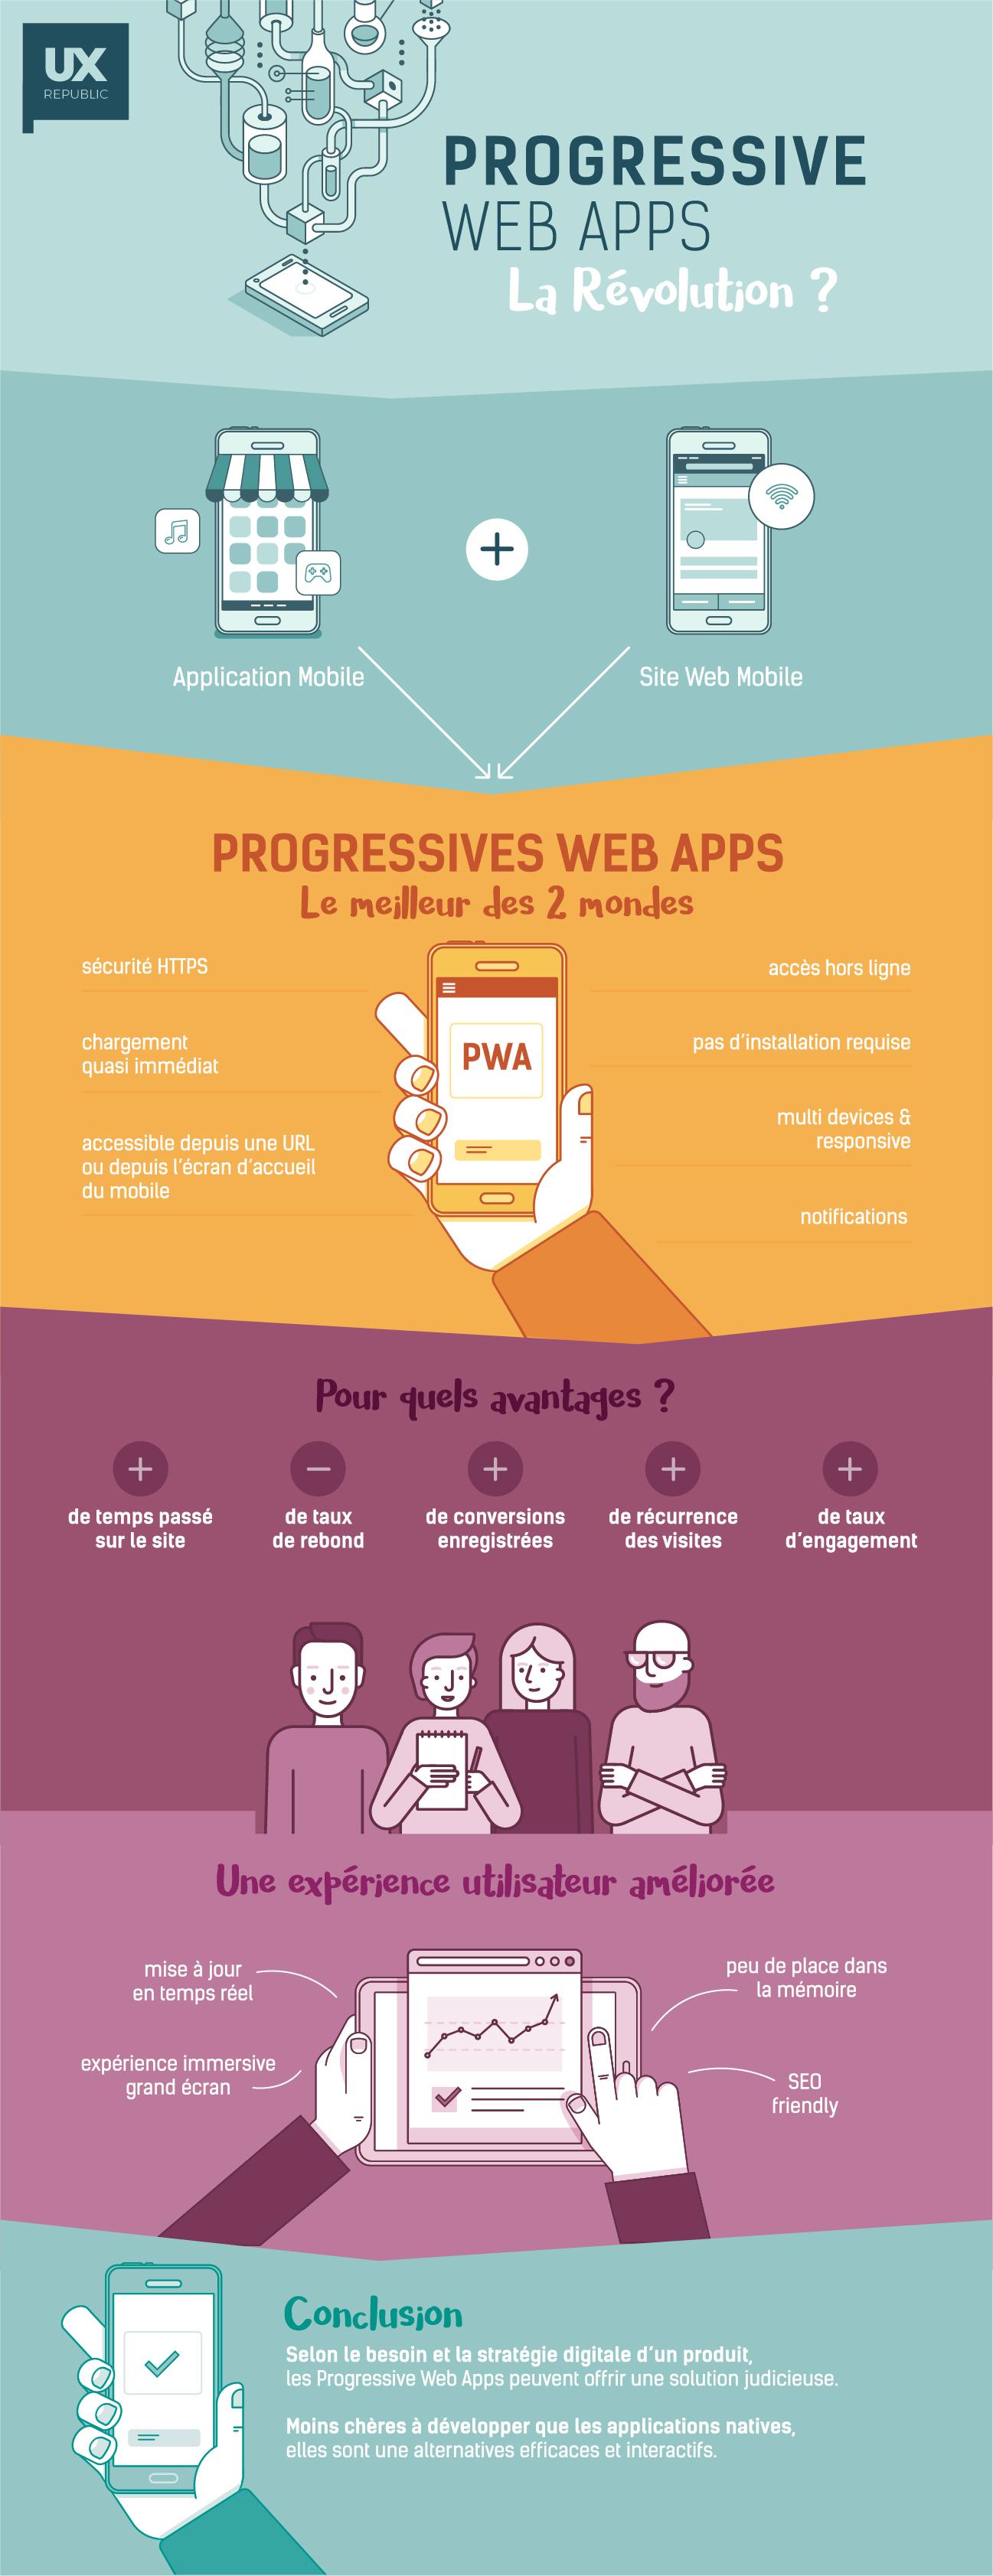 Progressive web apps infographie UX Republic